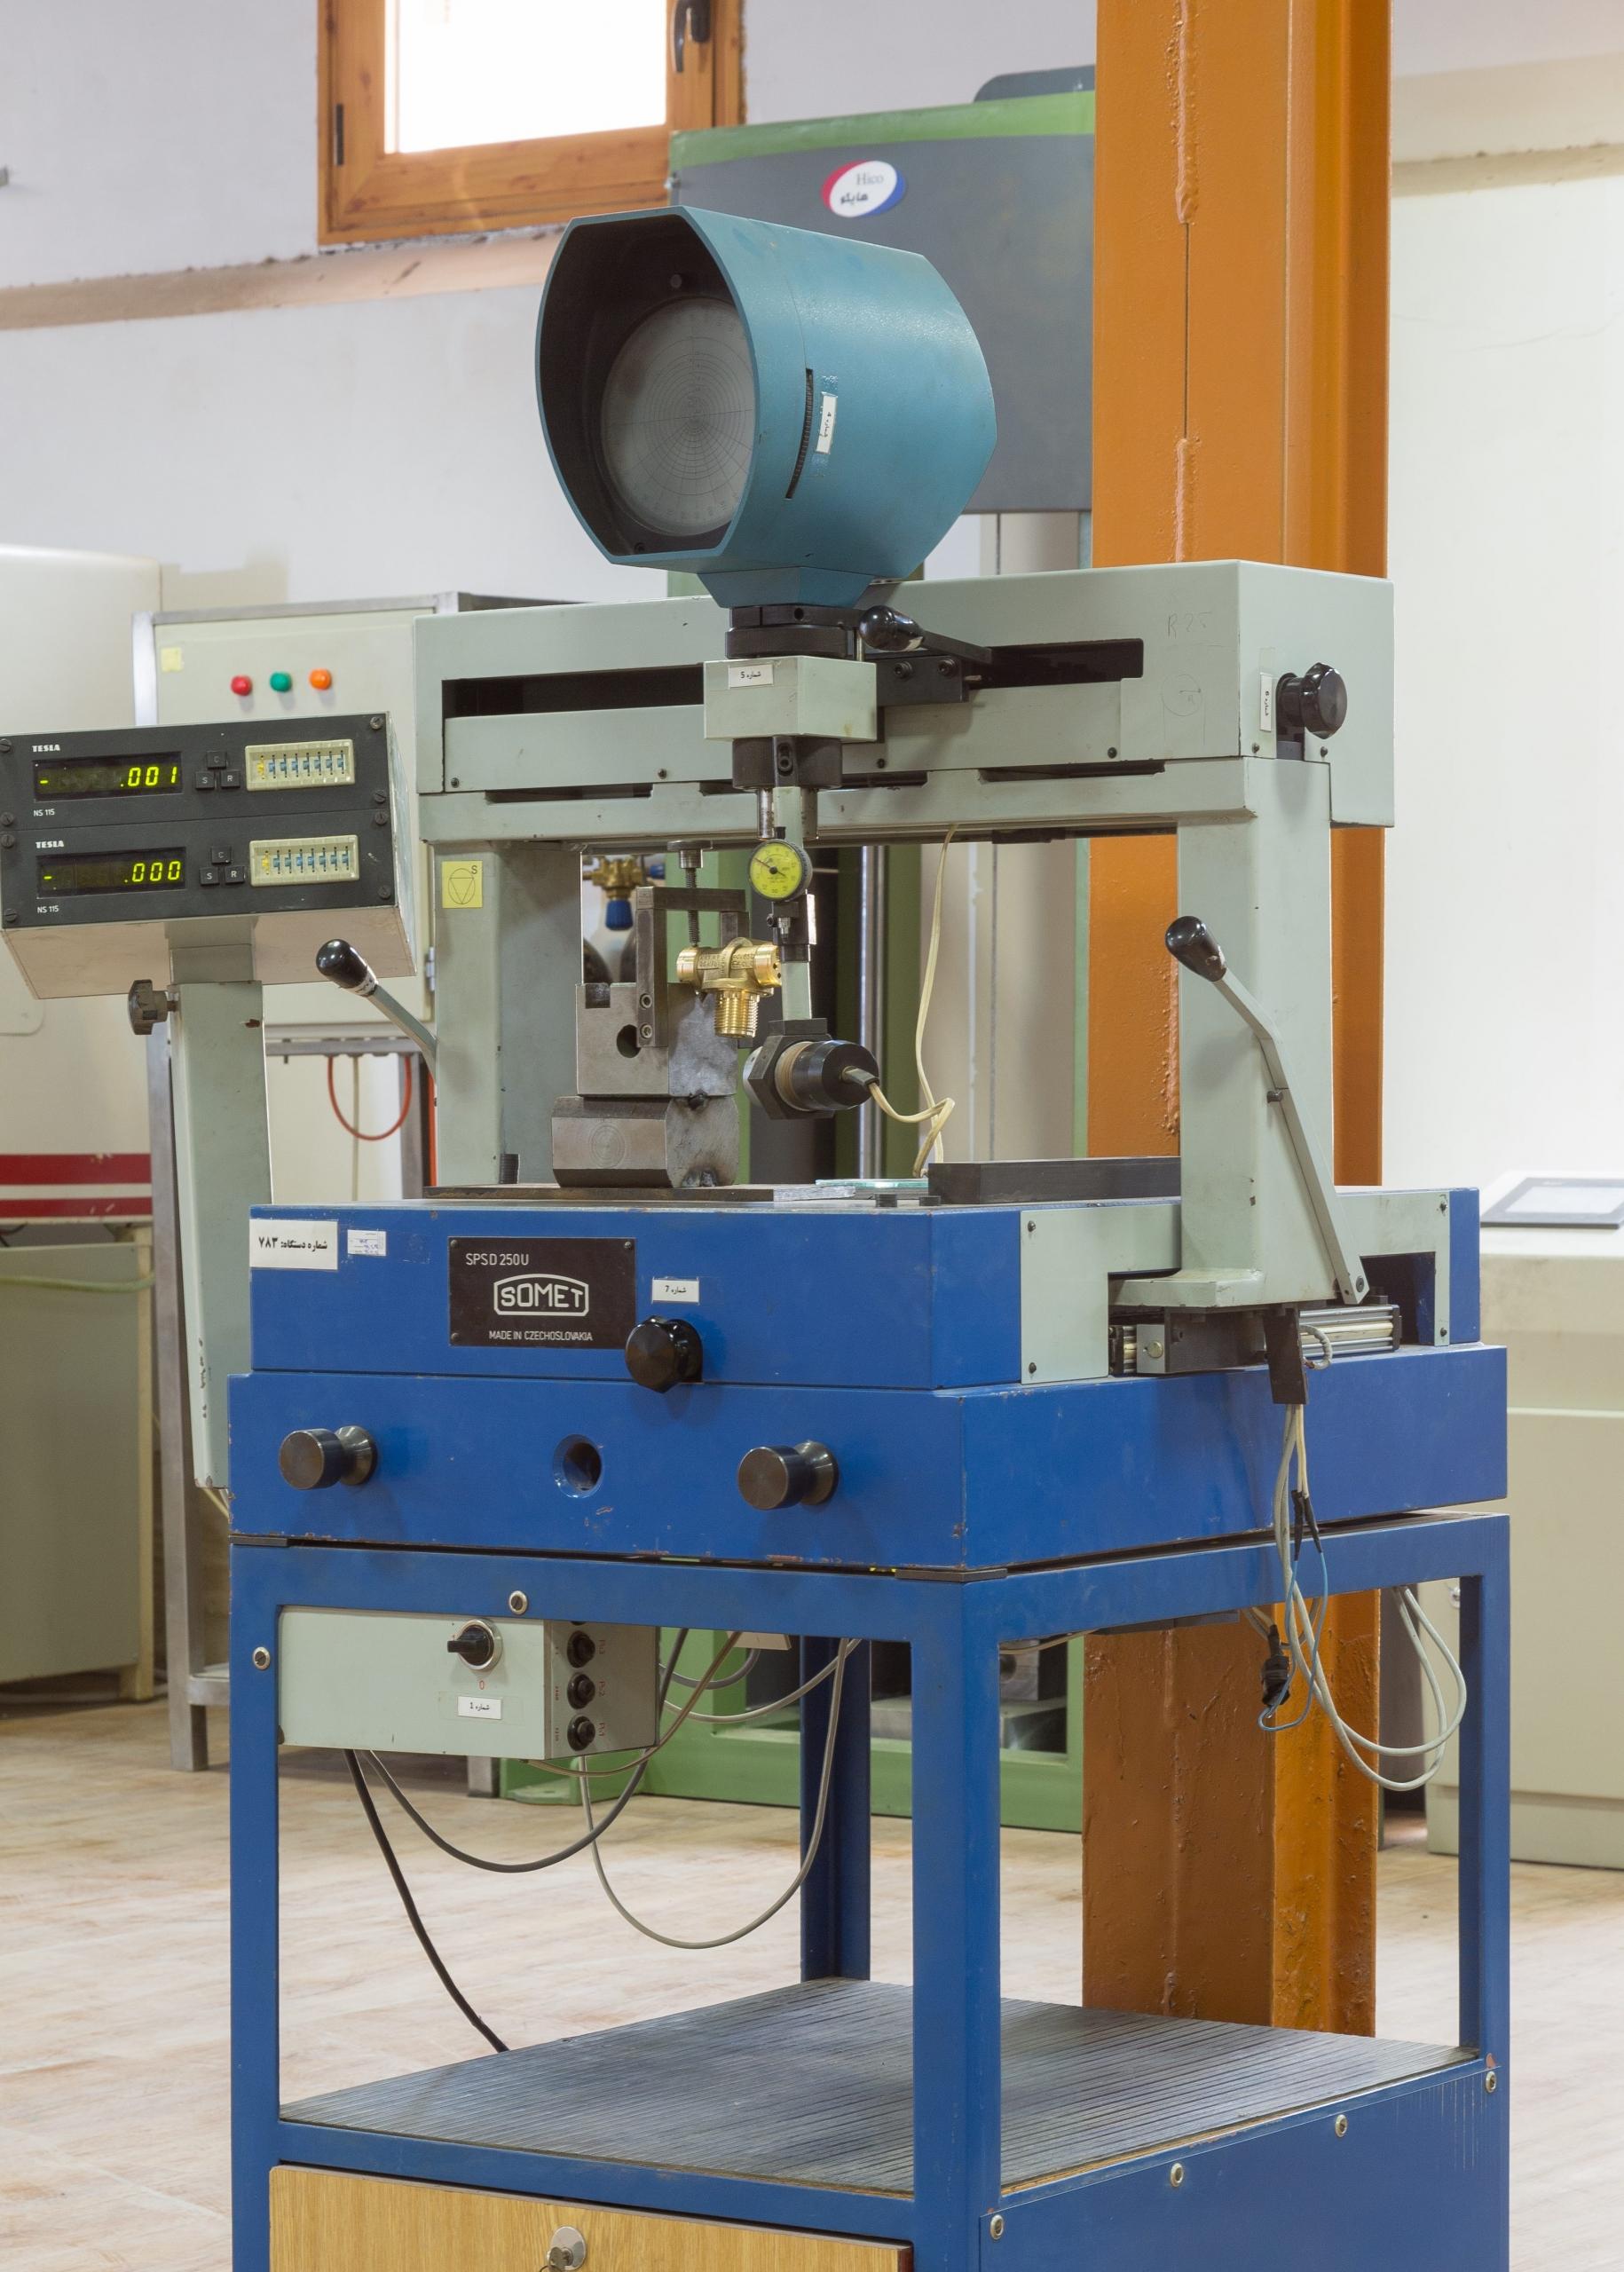 آزمایشگاه عمومی ابعادی و مکانیک (کشش، سالت اسپری، آون، فریزر و…)